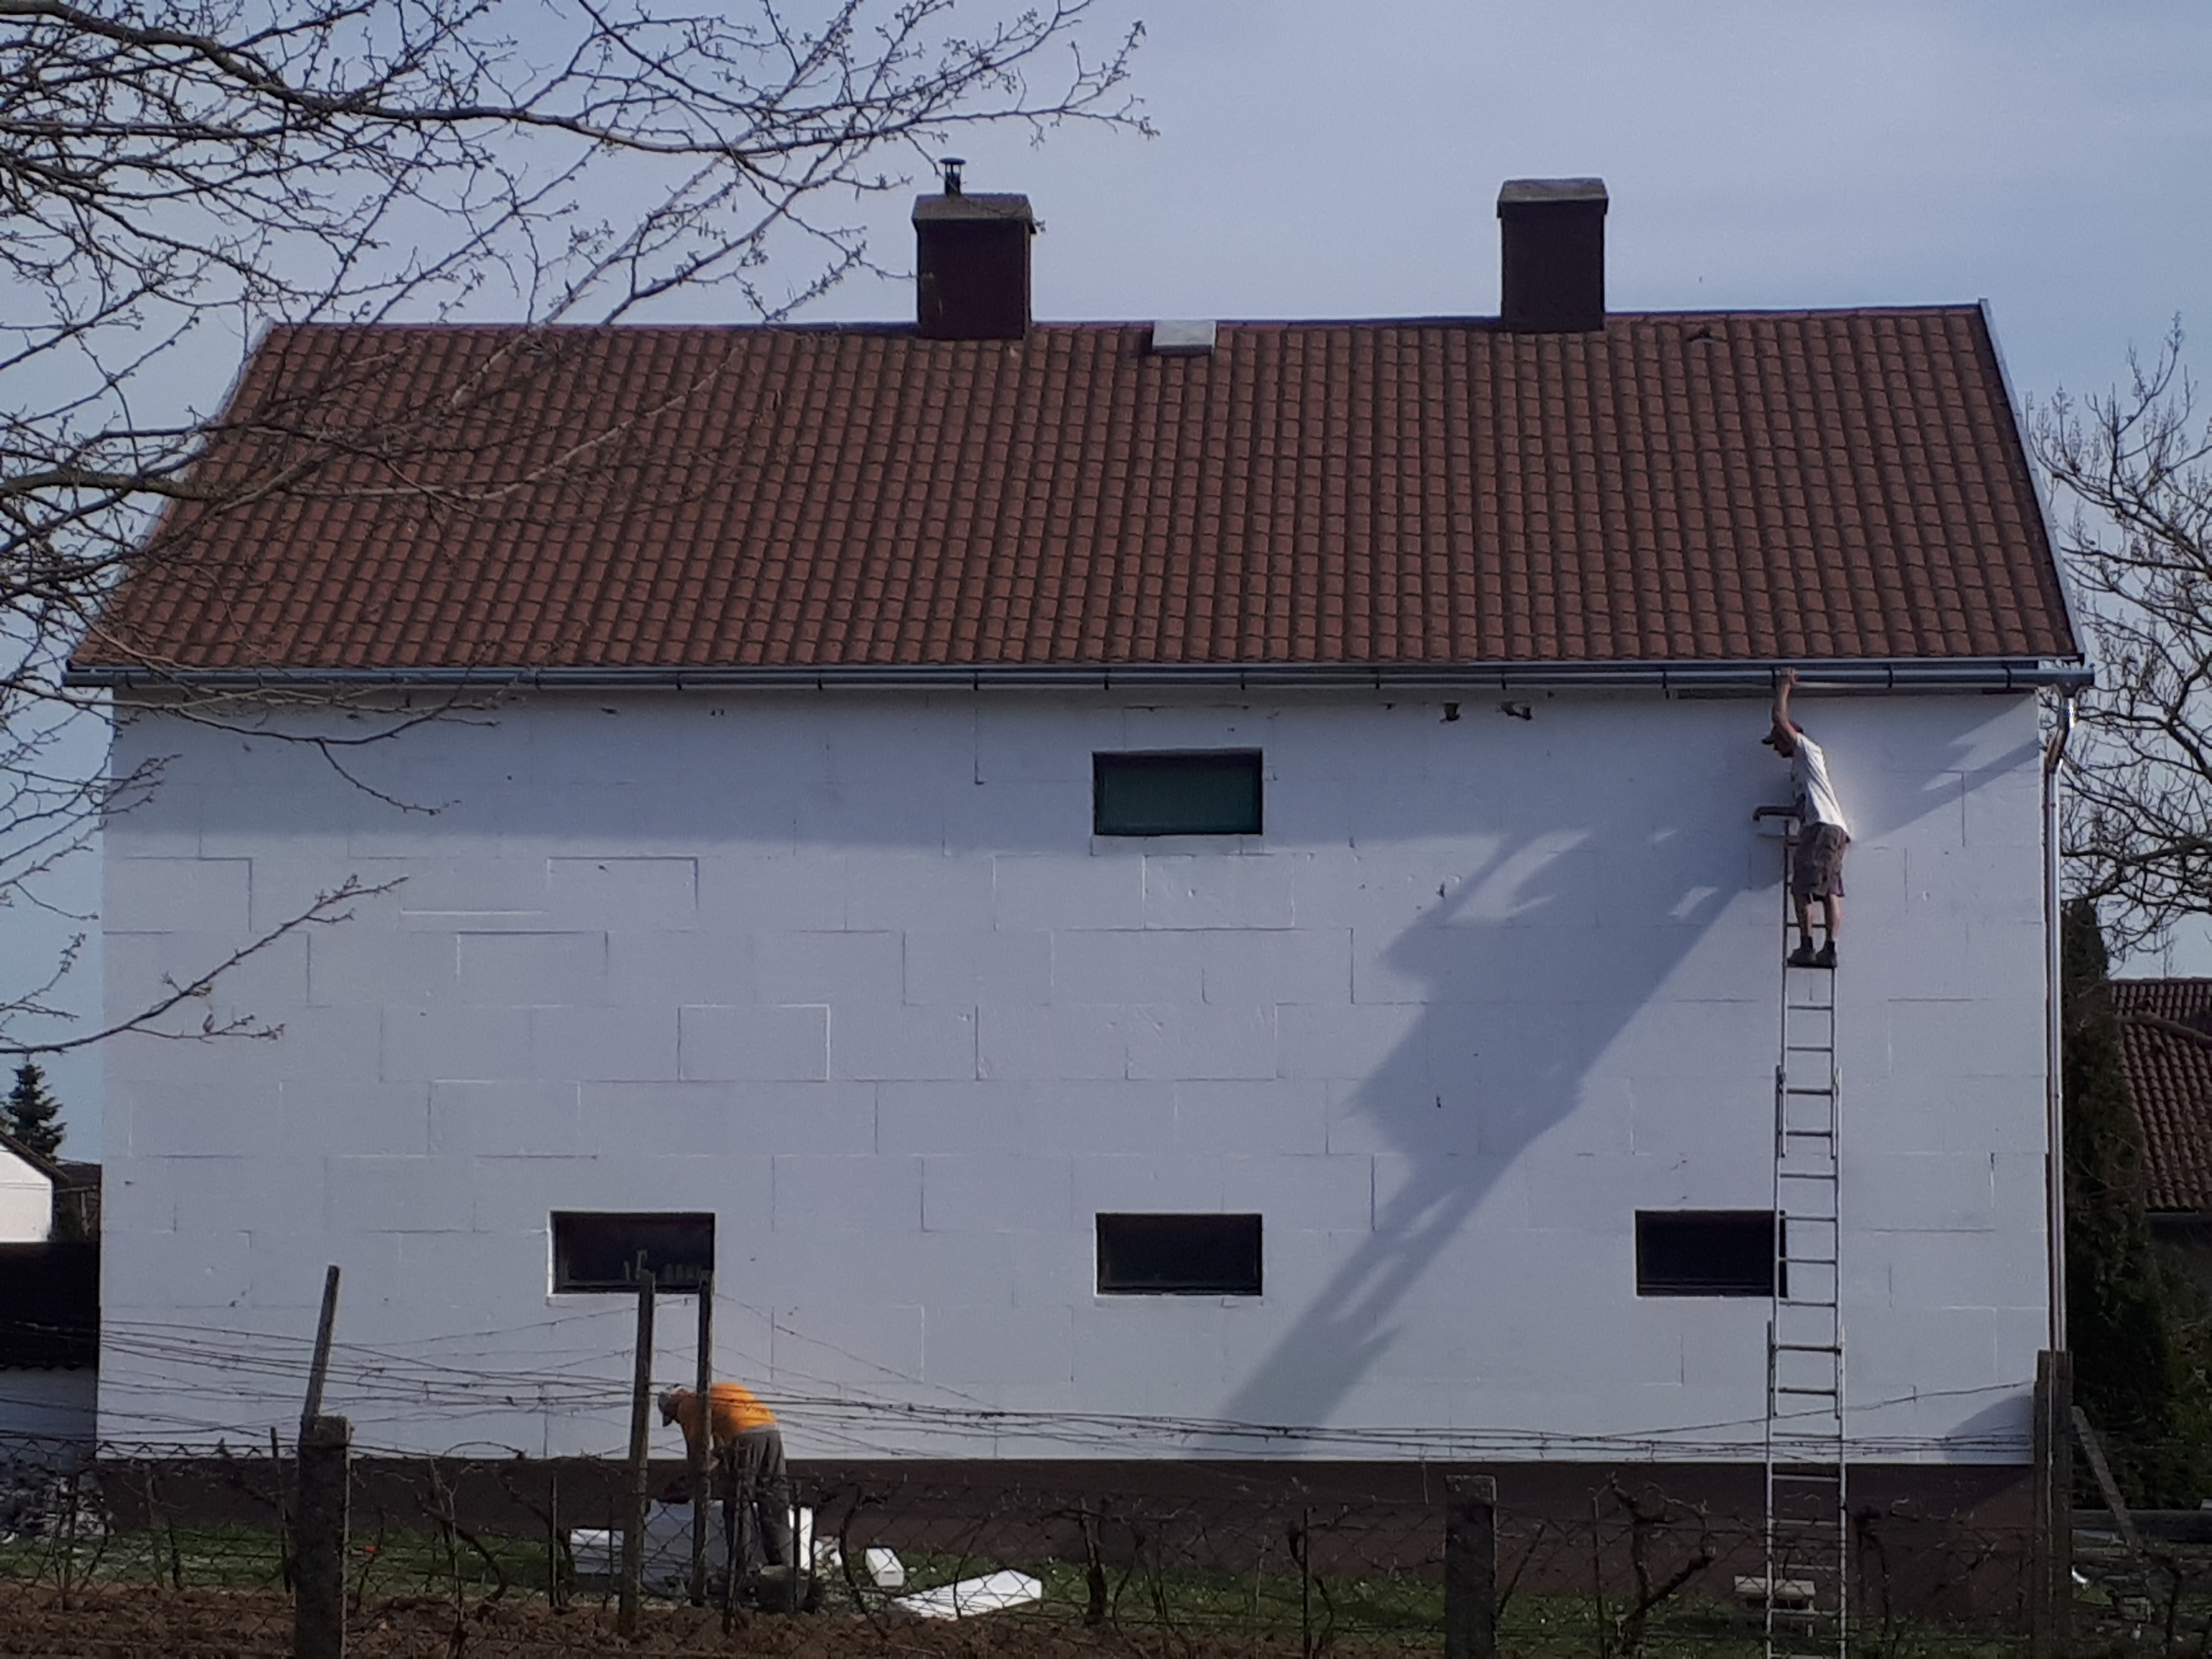 Palatető felújítás Bernecebaráti, palatető szigetelés BernecebarátiCsaládi ház palatető felújítása